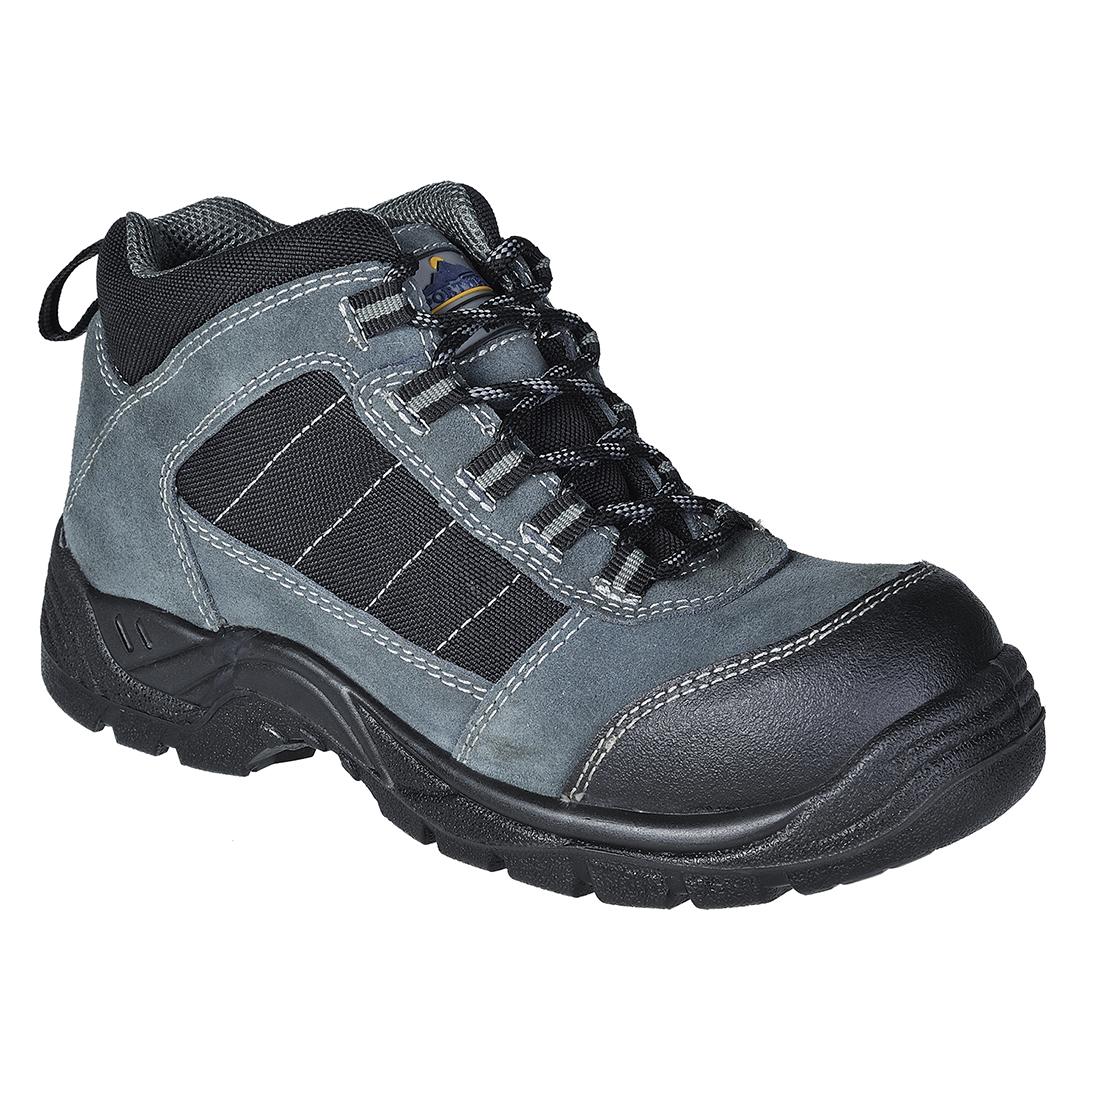 Pracovní obuv S1 FC63 - B301178